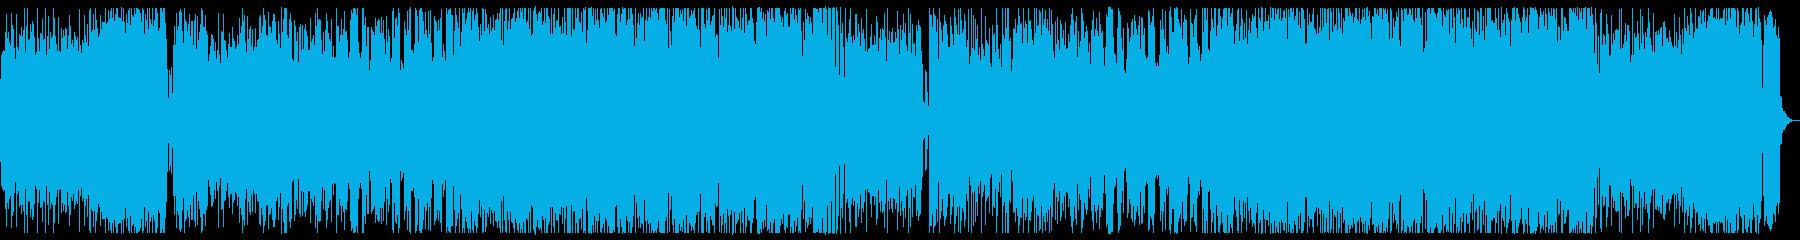 尺八がメロディの和風ロックの再生済みの波形